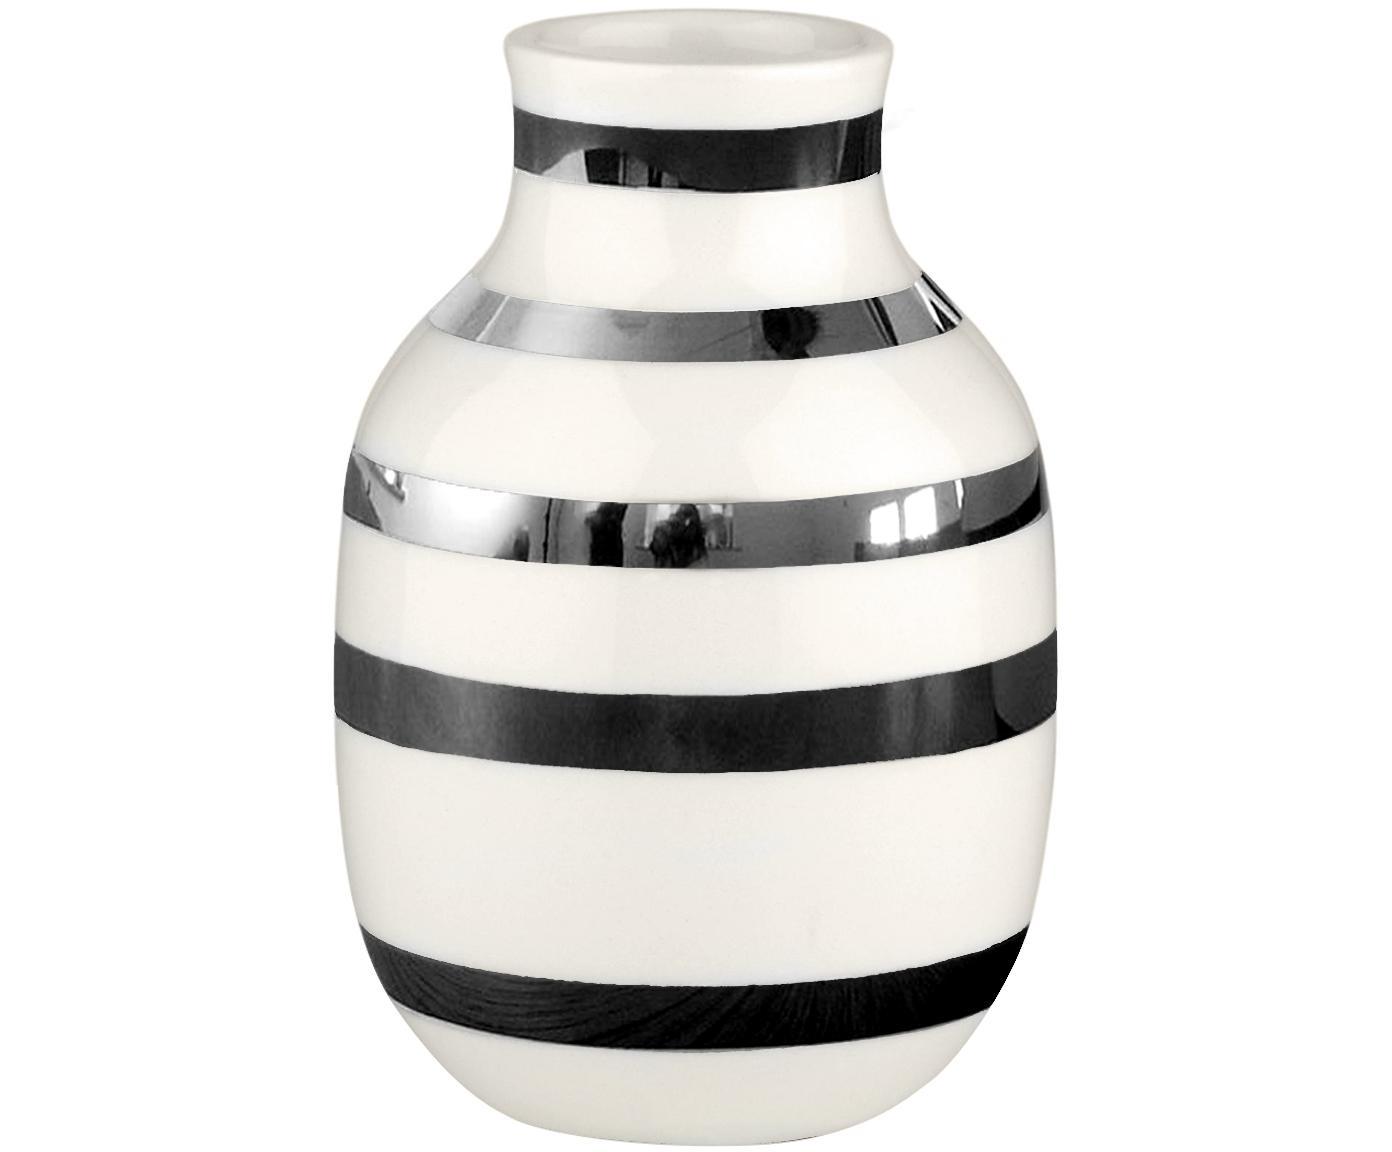 Kleine handgefertigte Design-Vase Omaggio, Keramik, Silberfarben, Weiß, Ø 8 x H 13 cm